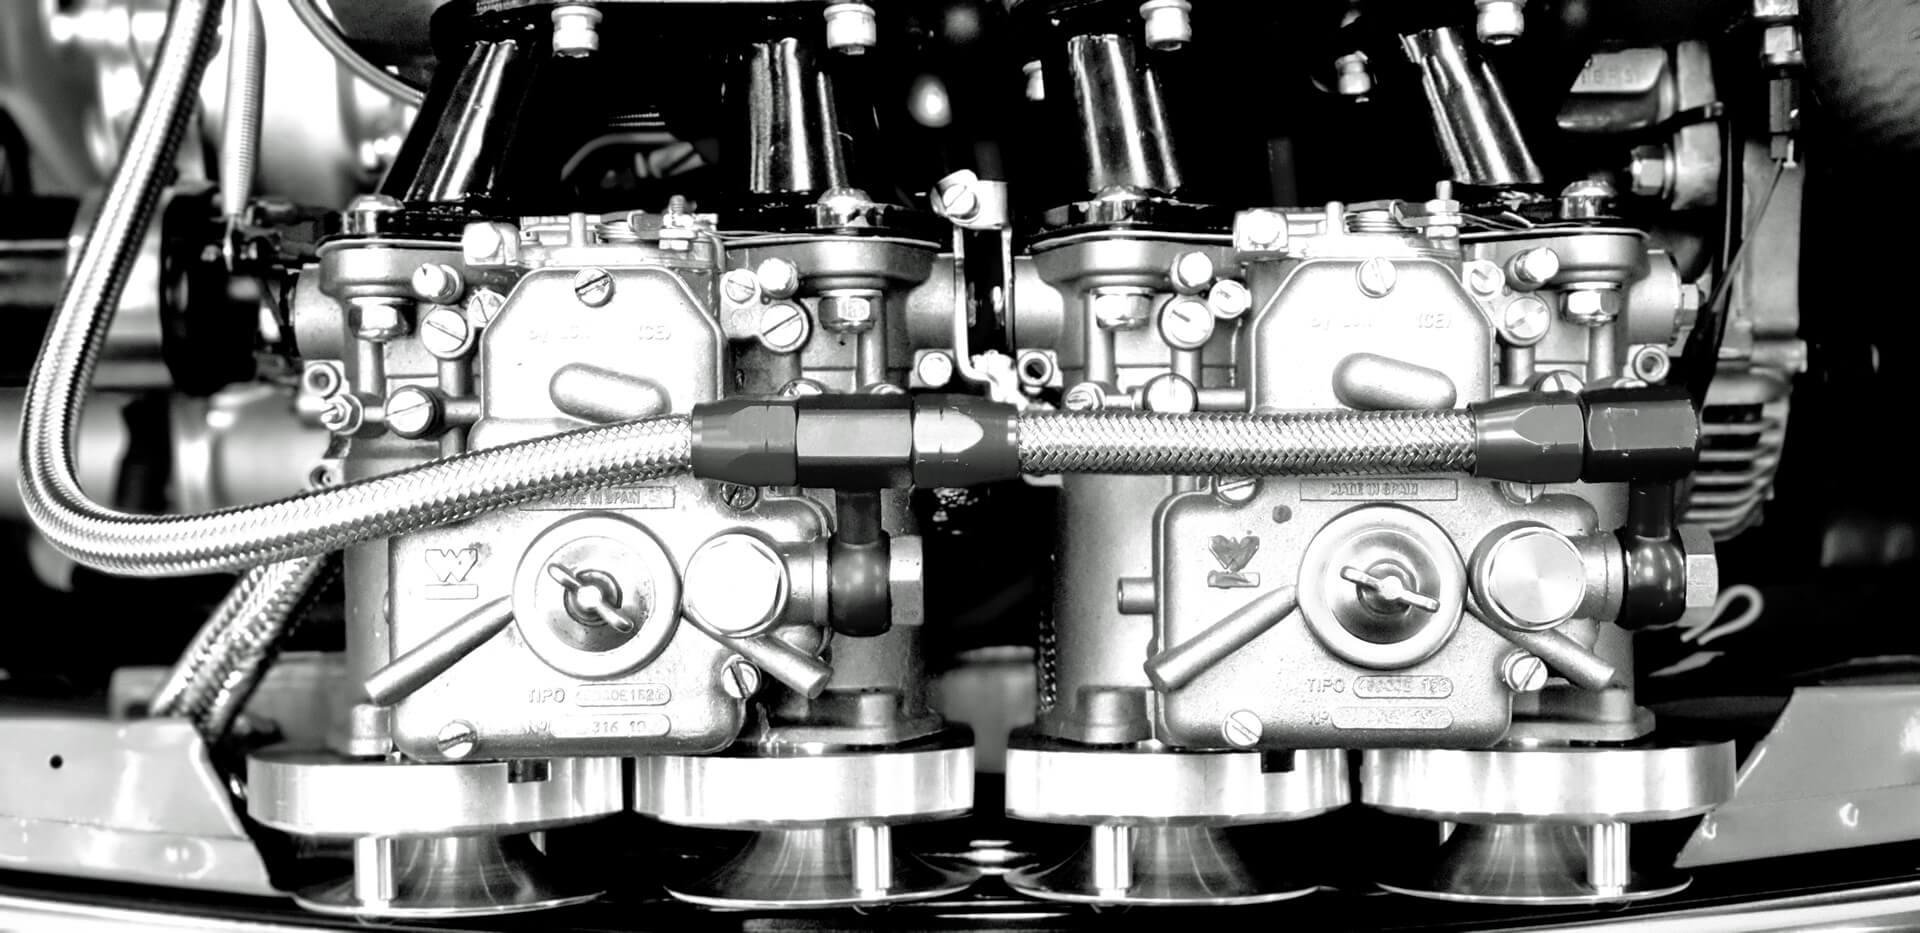 Préparation moteur pour la compétition automobile